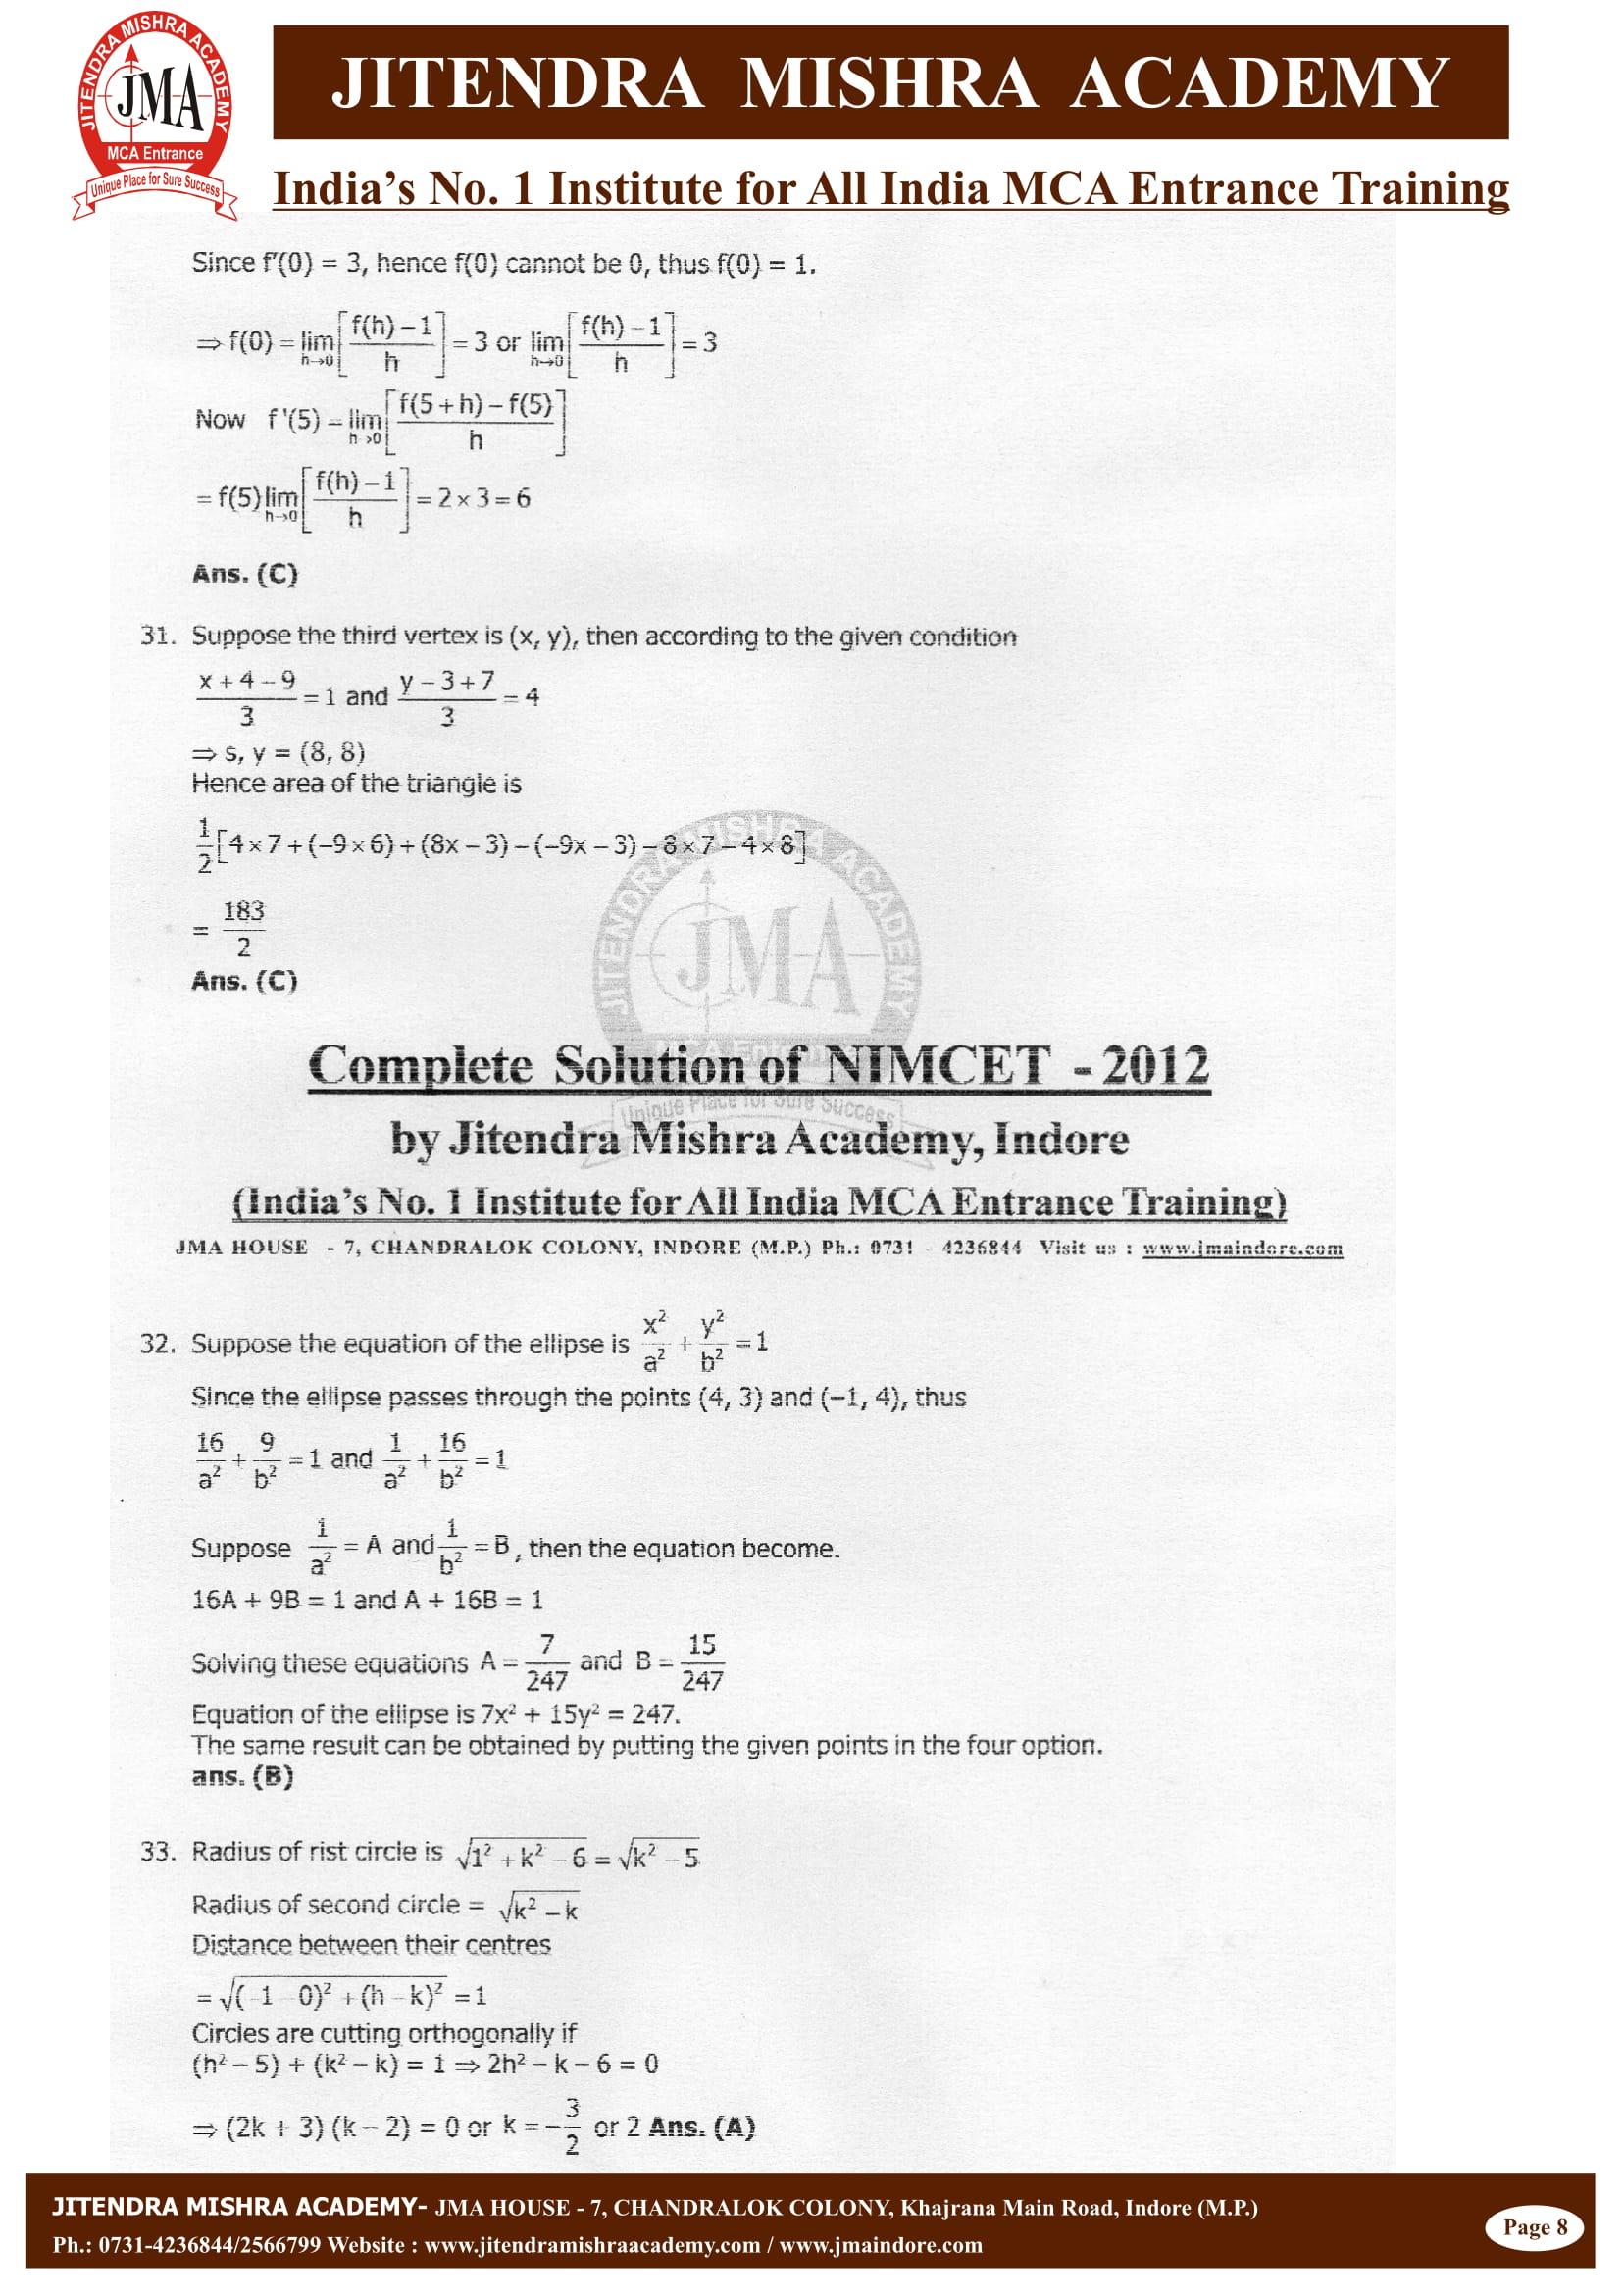 NIMCET - 2012 (SOLUTION)-08